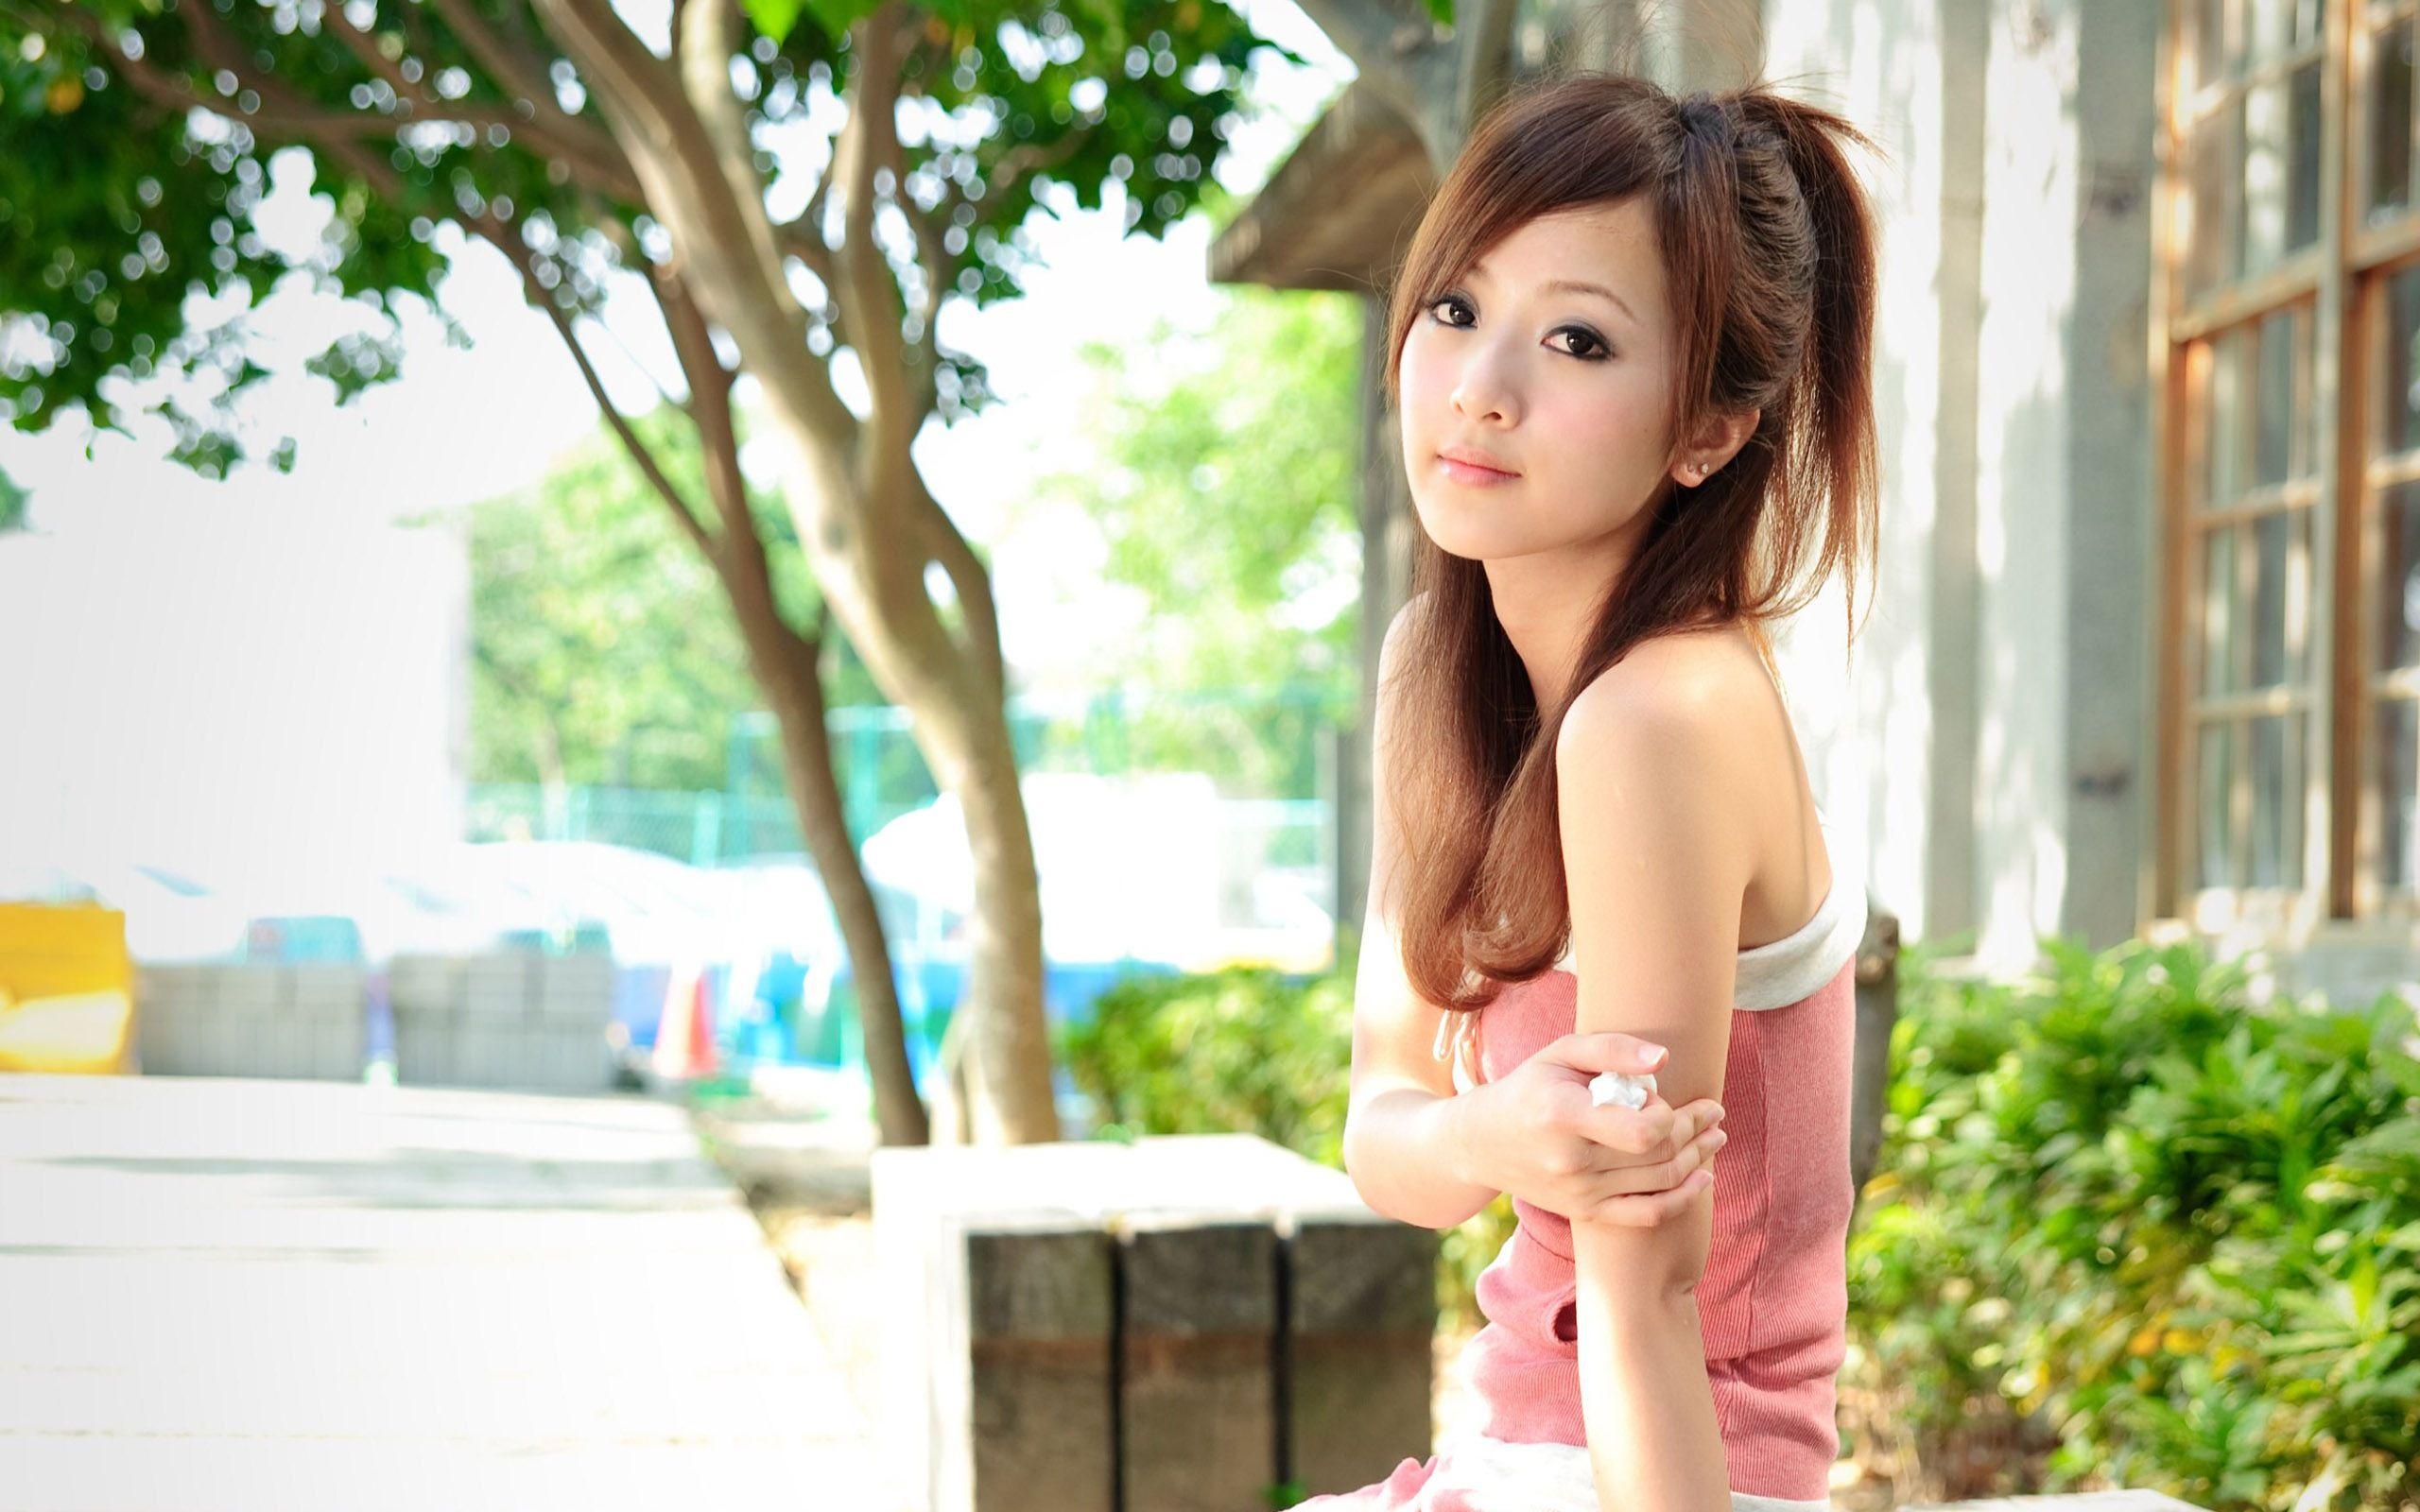 japanese girls hd images 5 | japanese girls hd images | pinterest